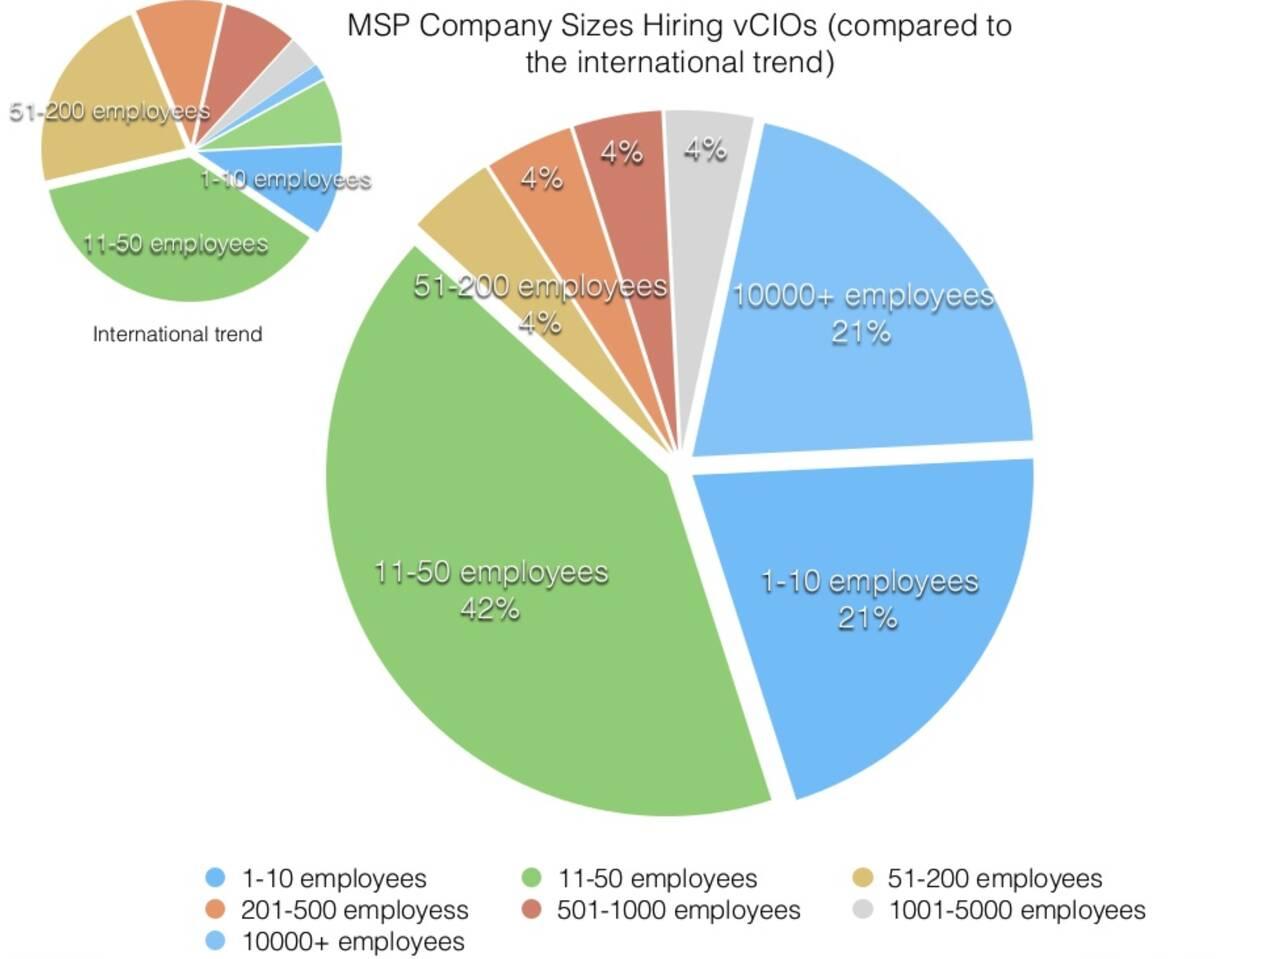 MSP sizes hiring vCIOs in Canada